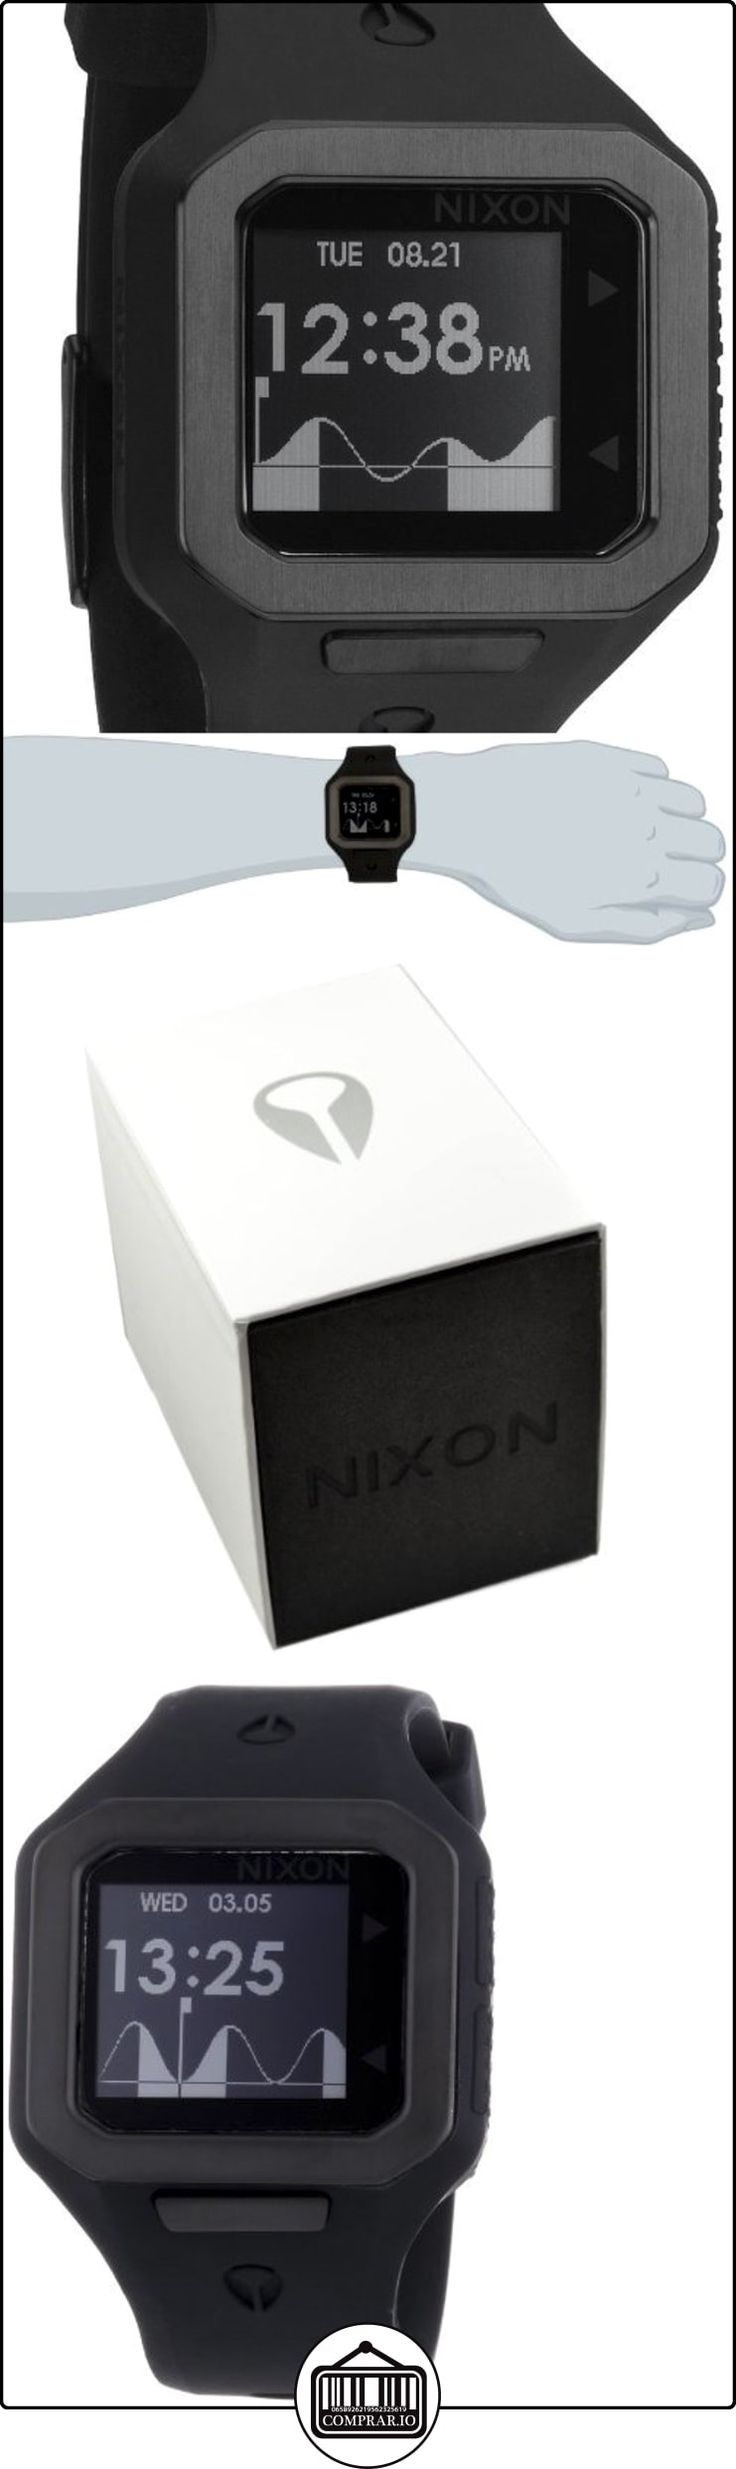 Nixon A316001-00 - Reloj digital de cuarzo para hombre con correa de silicona, color negro  ✿ Relojes para hombre - (Gama media/alta) ✿